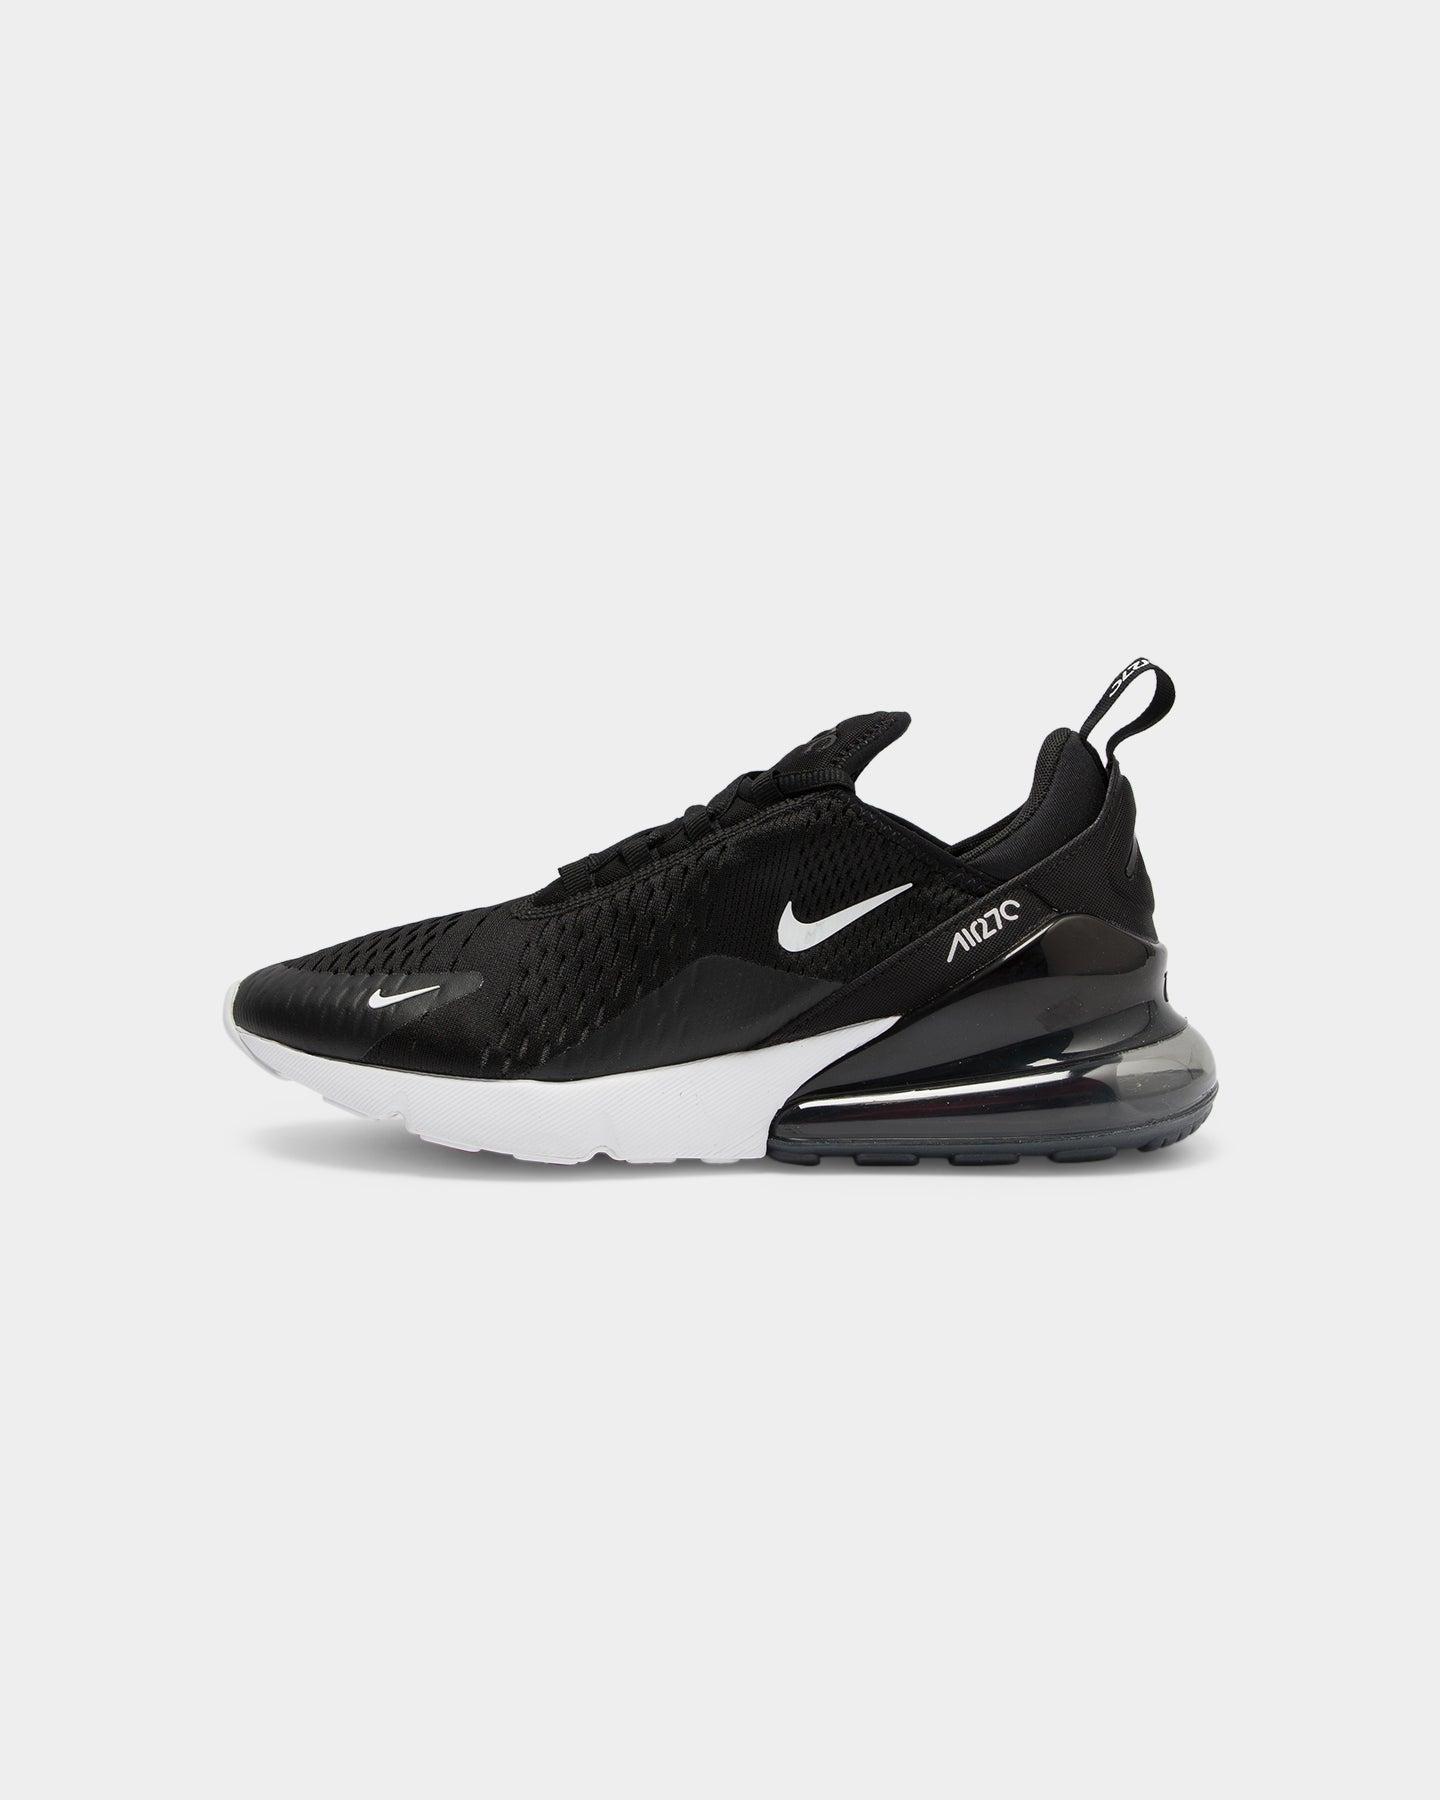 Nike Air Max 270 Black/White | Culture